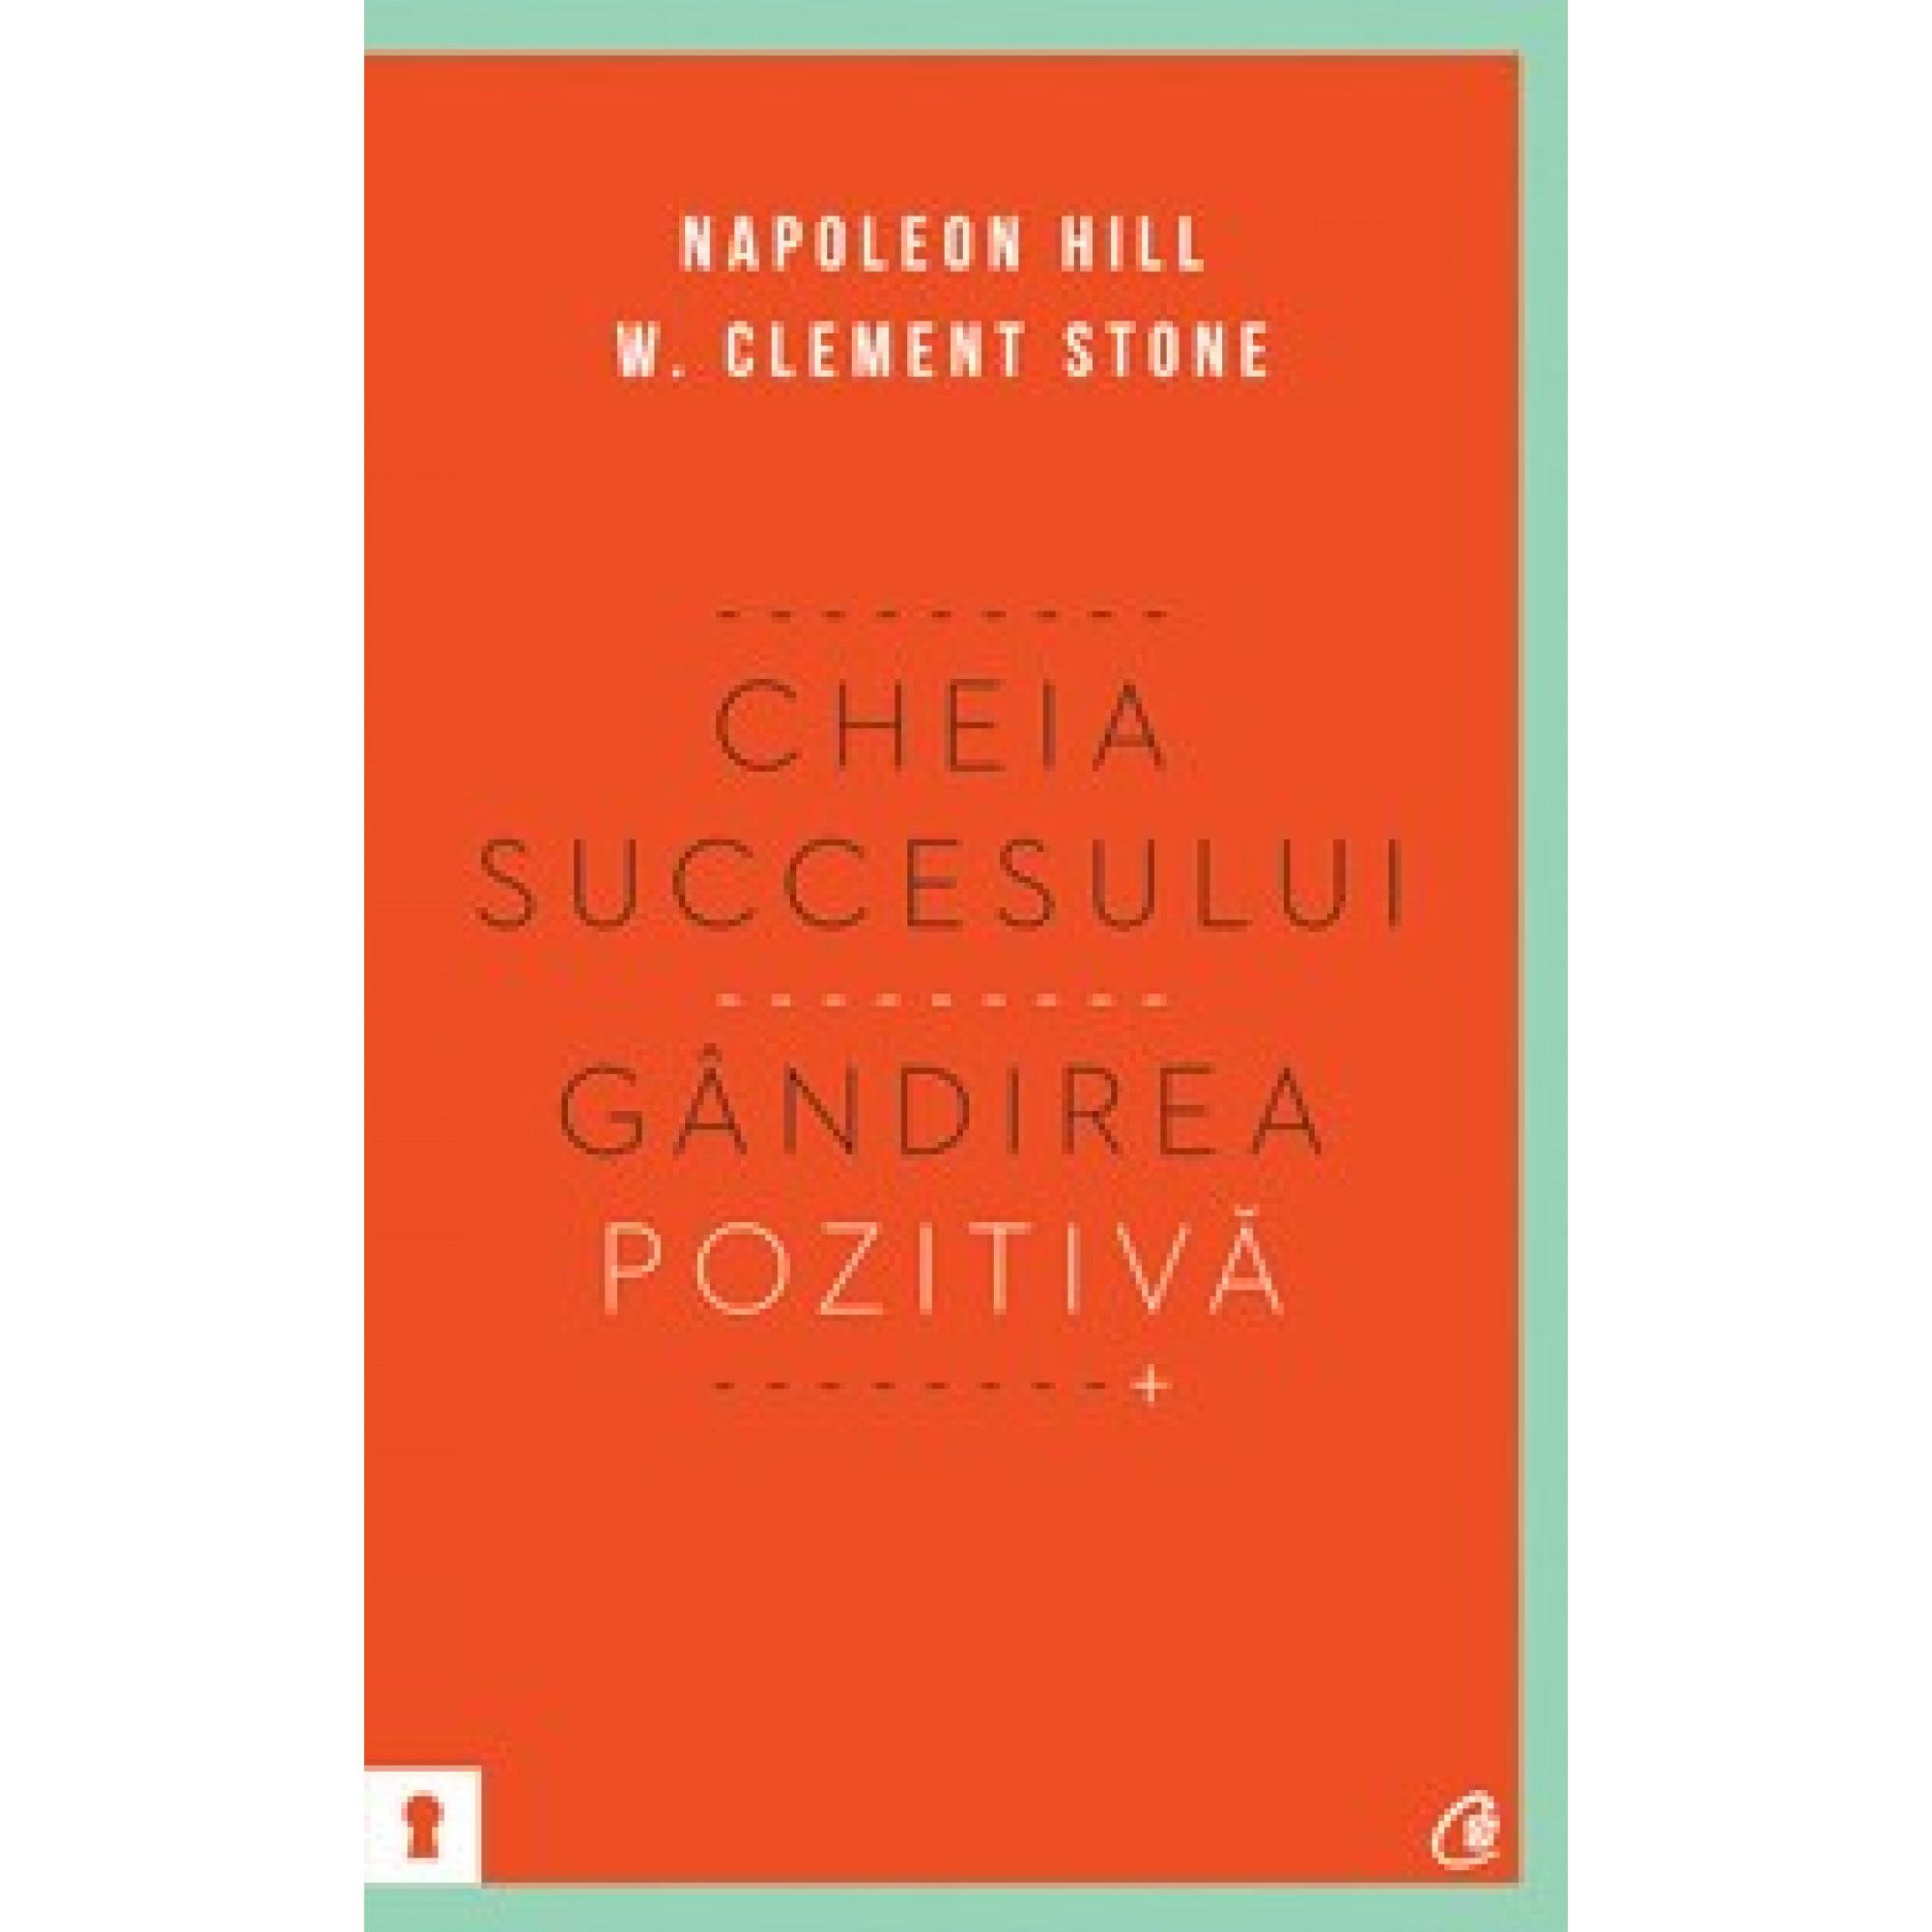 Cheia succesului. Gândirea pozitivă; Napoleon Hill, W. Clement Stone